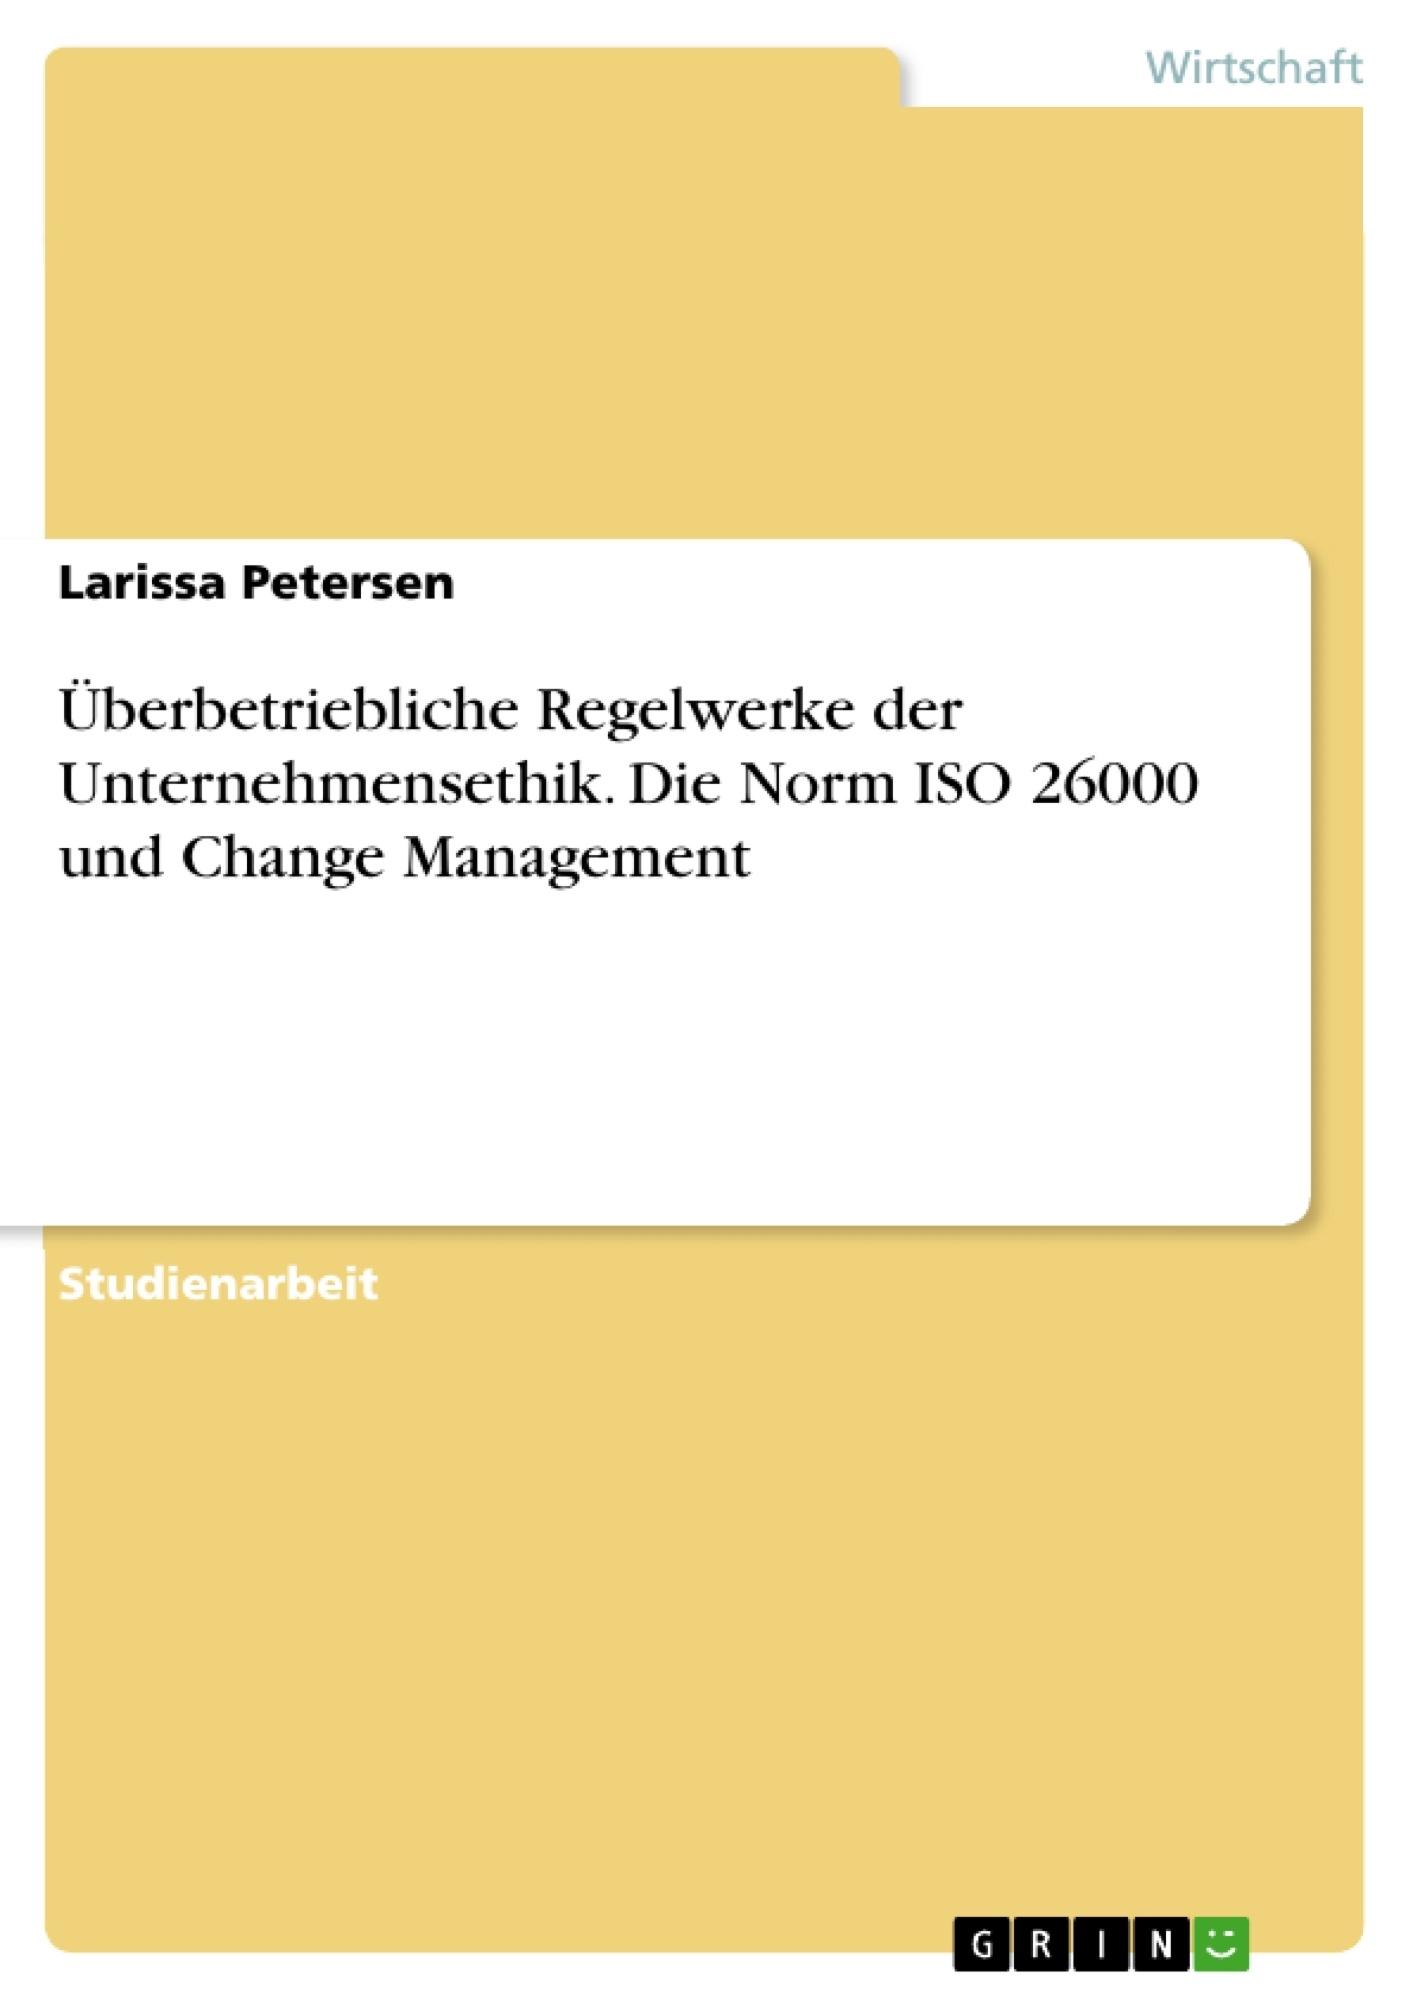 Titel: Überbetriebliche Regelwerke der Unternehmensethik. Die Norm ISO 26000 und Change Management